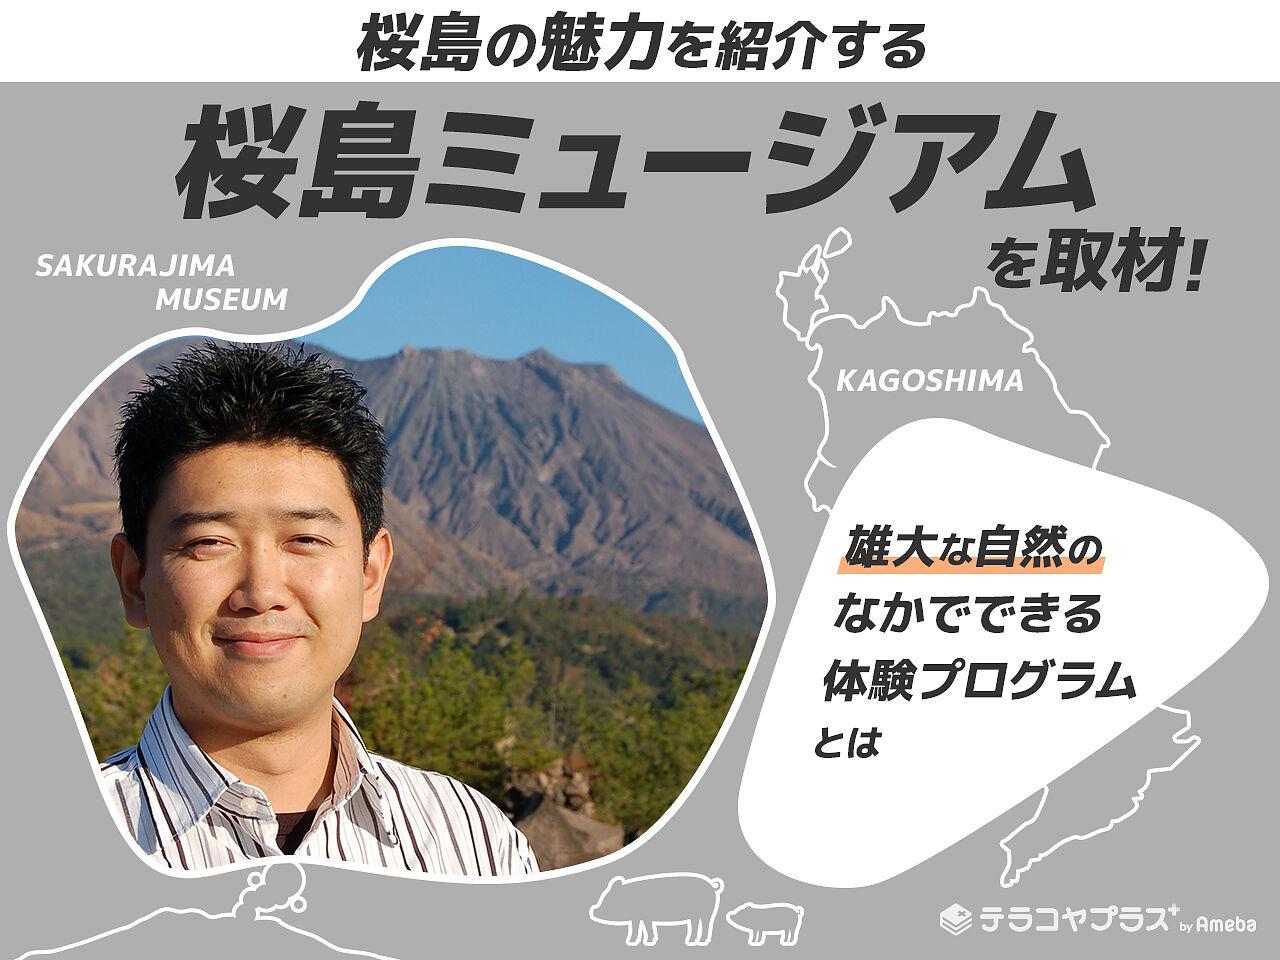 桜島の魅力を紹介する「桜島ミュージアム」を取材!雄大な自然のなかでできる体験プログラムとはの画像